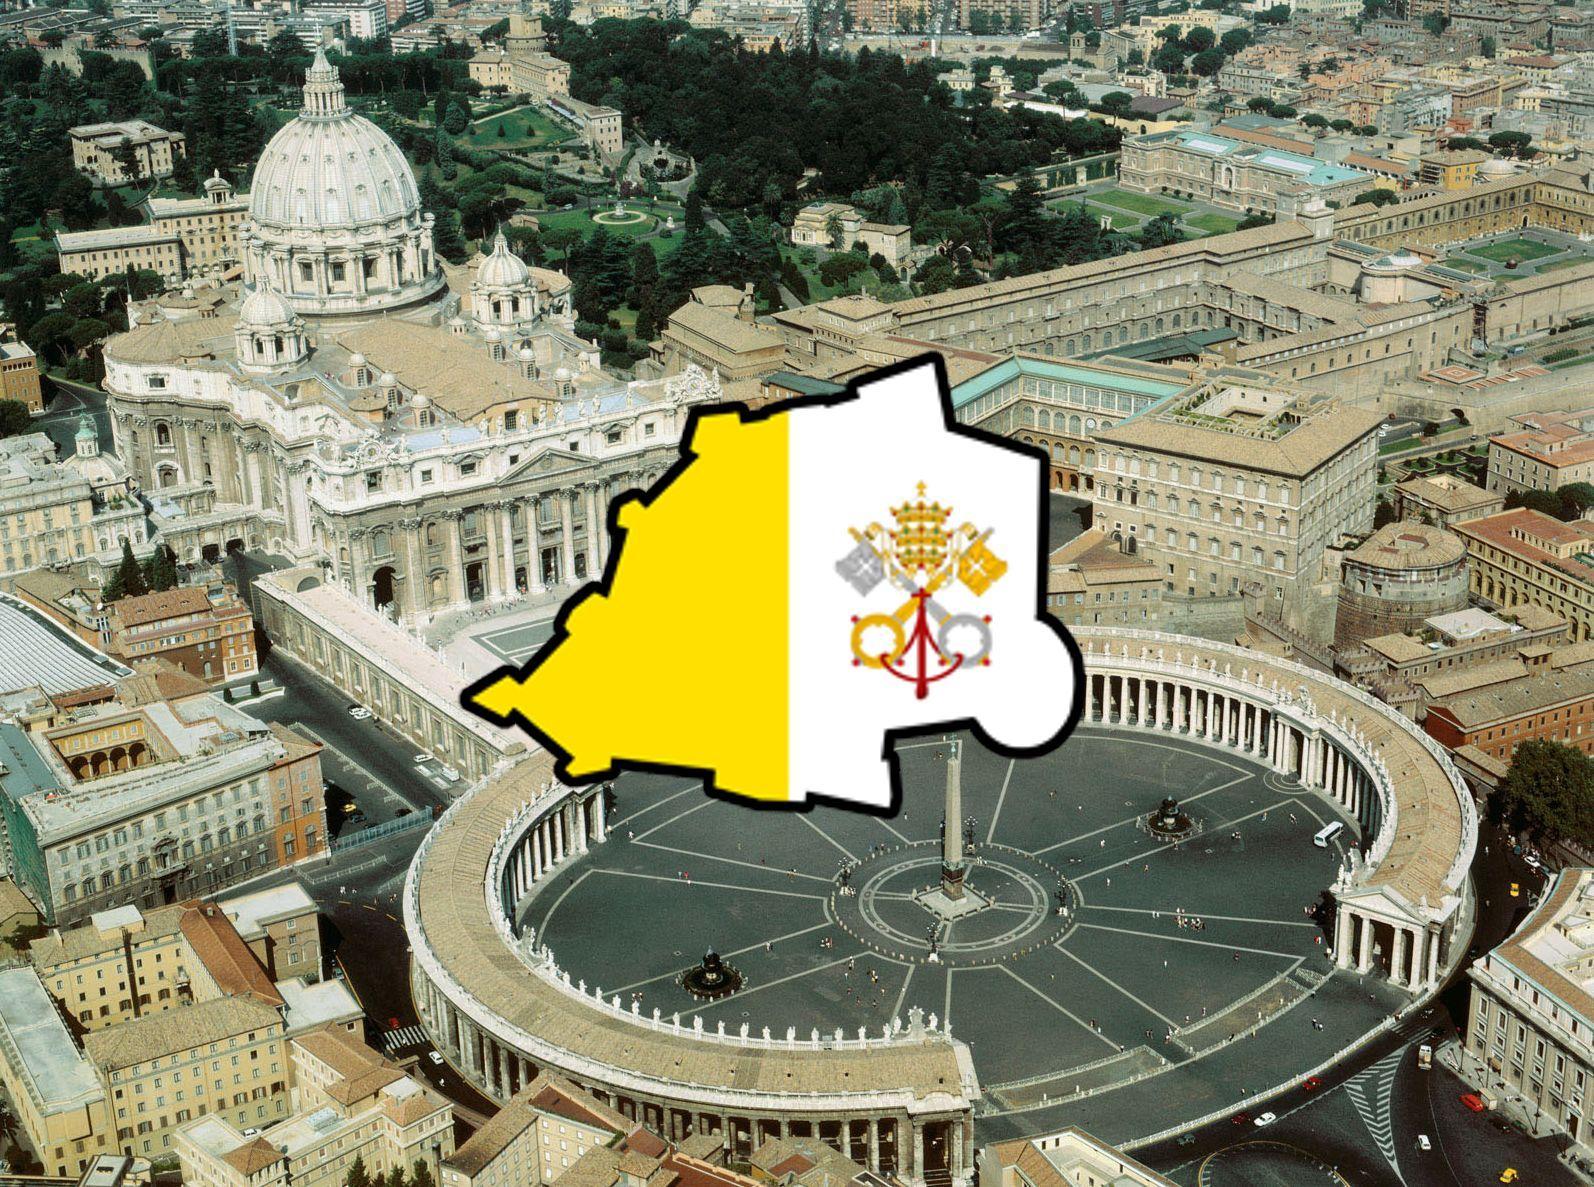 """Turno de hablar del Vaticano ¿Quién ostentaba el título de """"Soberano del Estado de la Ciudad del Vaticano"""" en el año 2000?"""